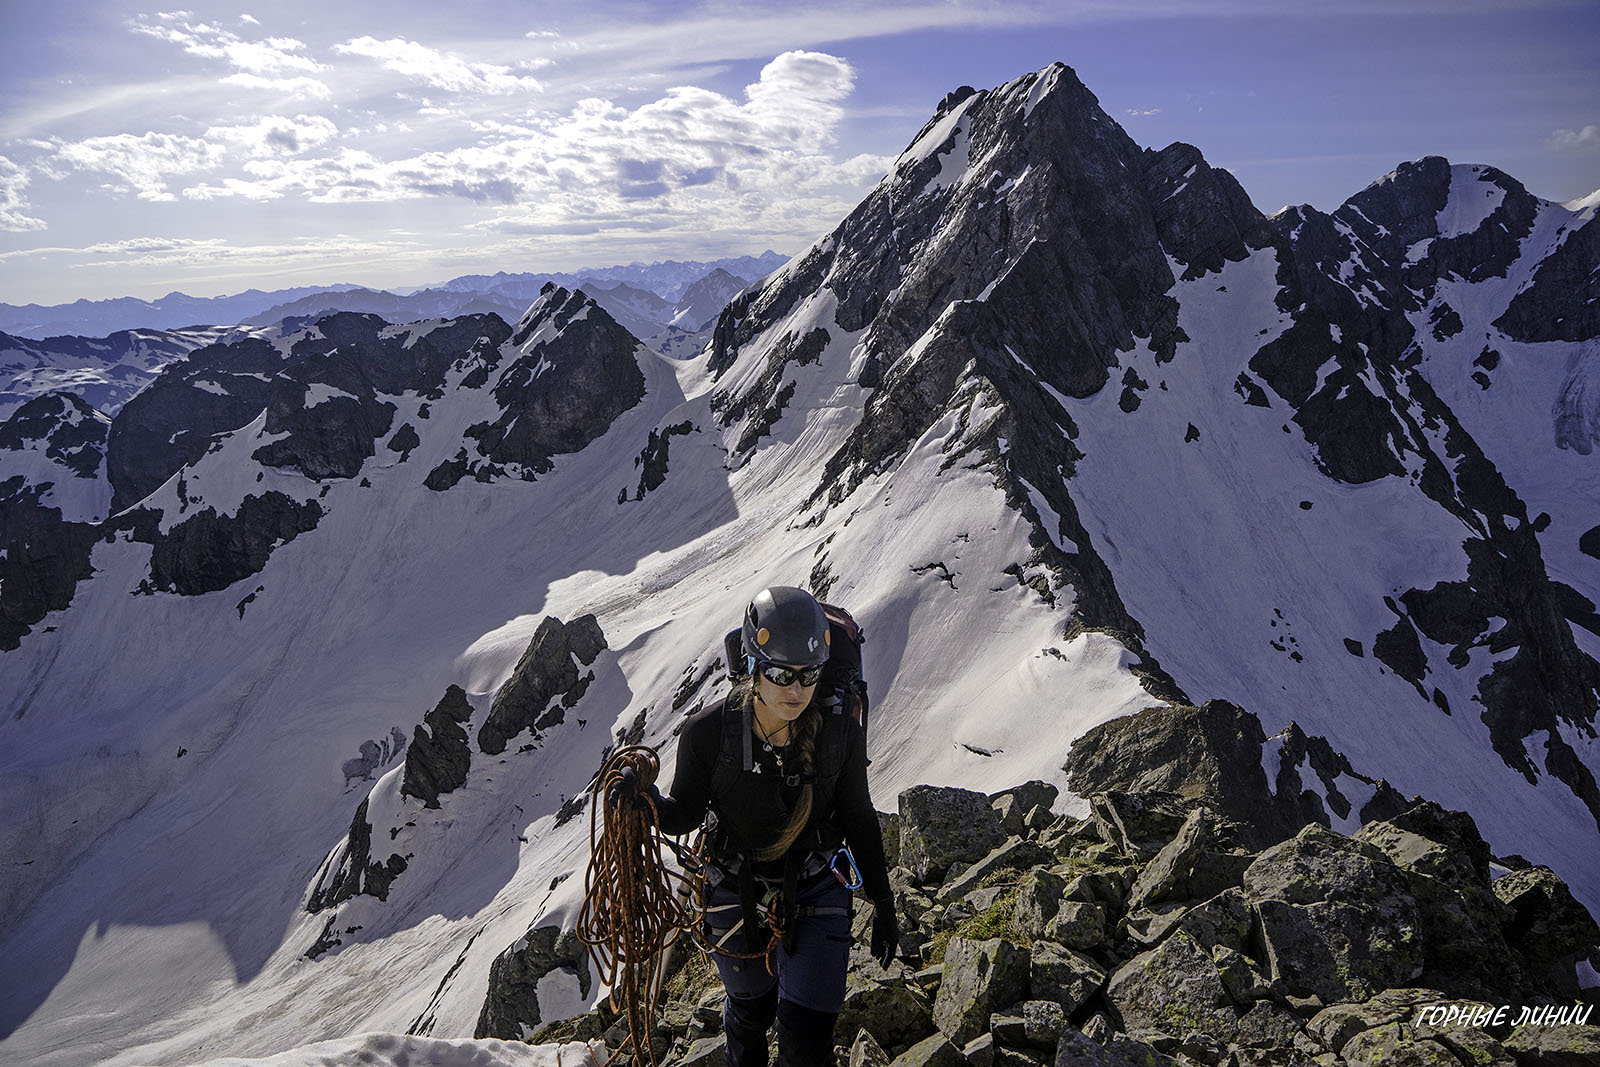 Походы в горы Сочи и Абхазии. Массив Кардывач